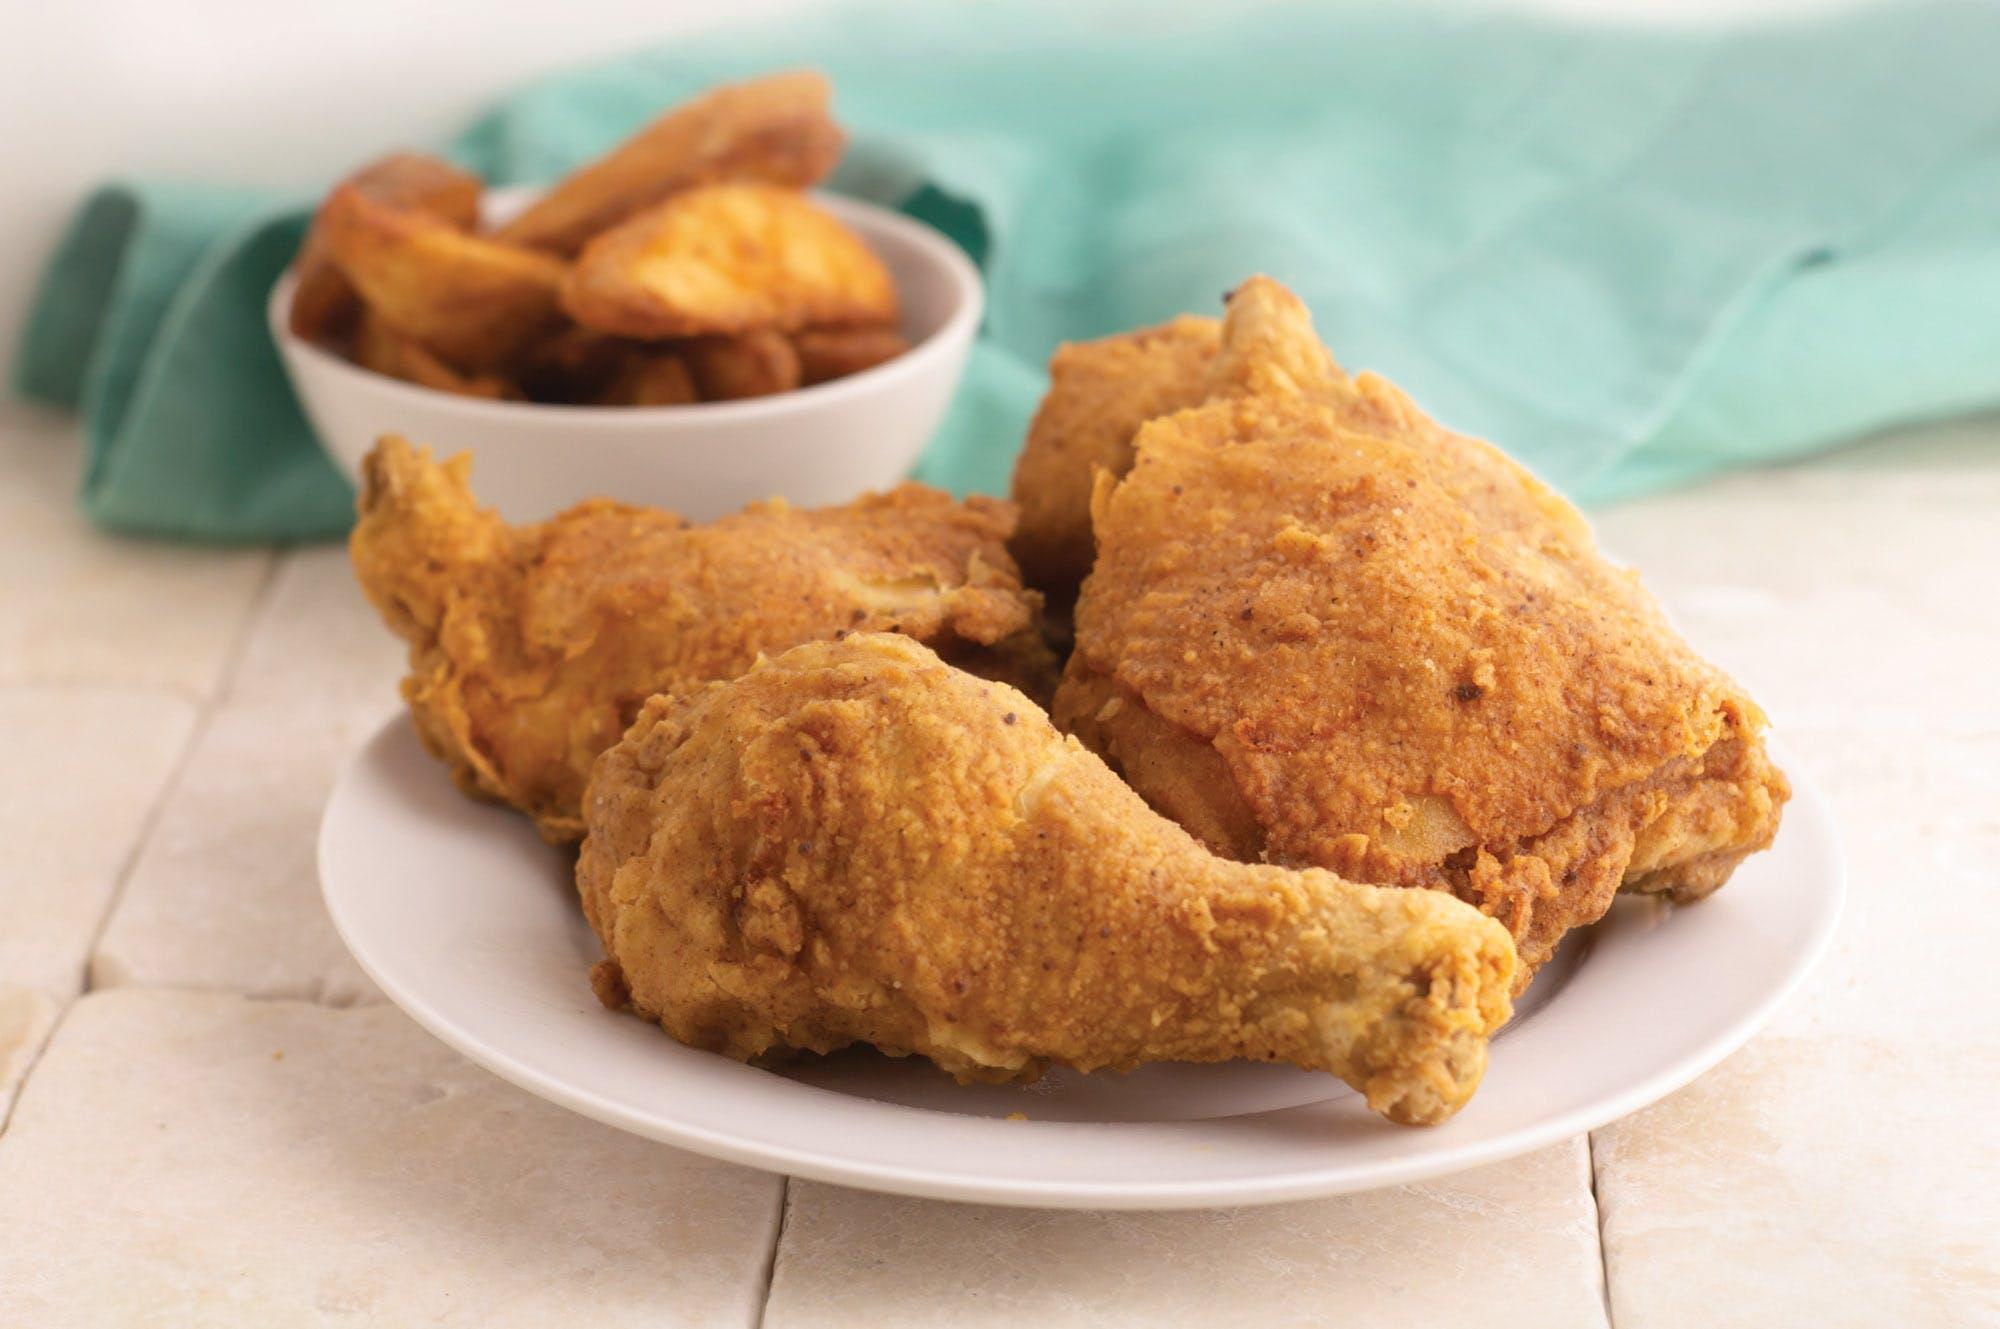 Kitchen Cravings Fried Chicken - Appleton in Appleton - Highlight